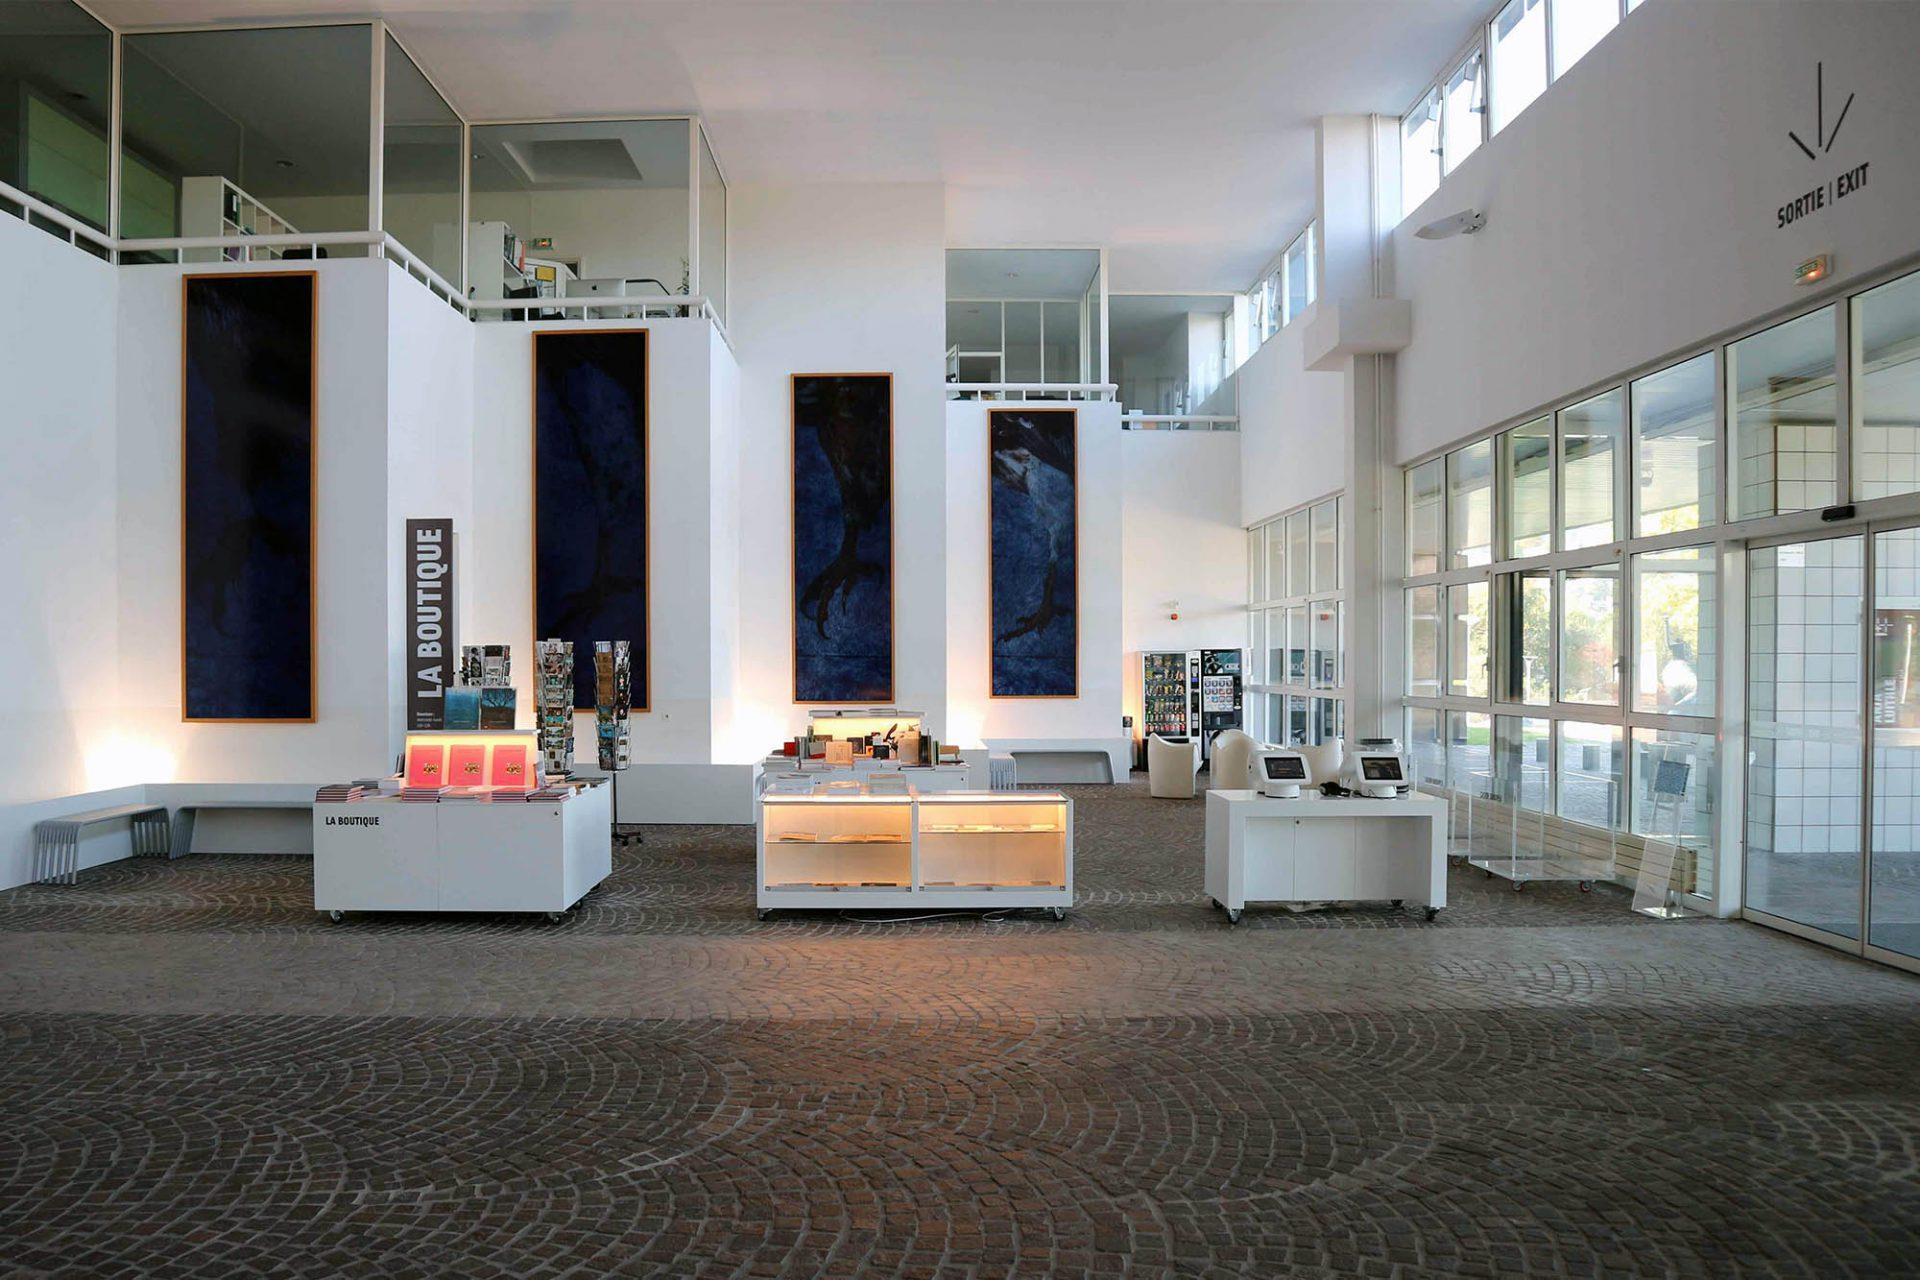 Musée d'art moderne et contemporain.  Dreimal jährlich finden hier wechselnde Ausstellungen mit zeitgenössischer Kunst statt.